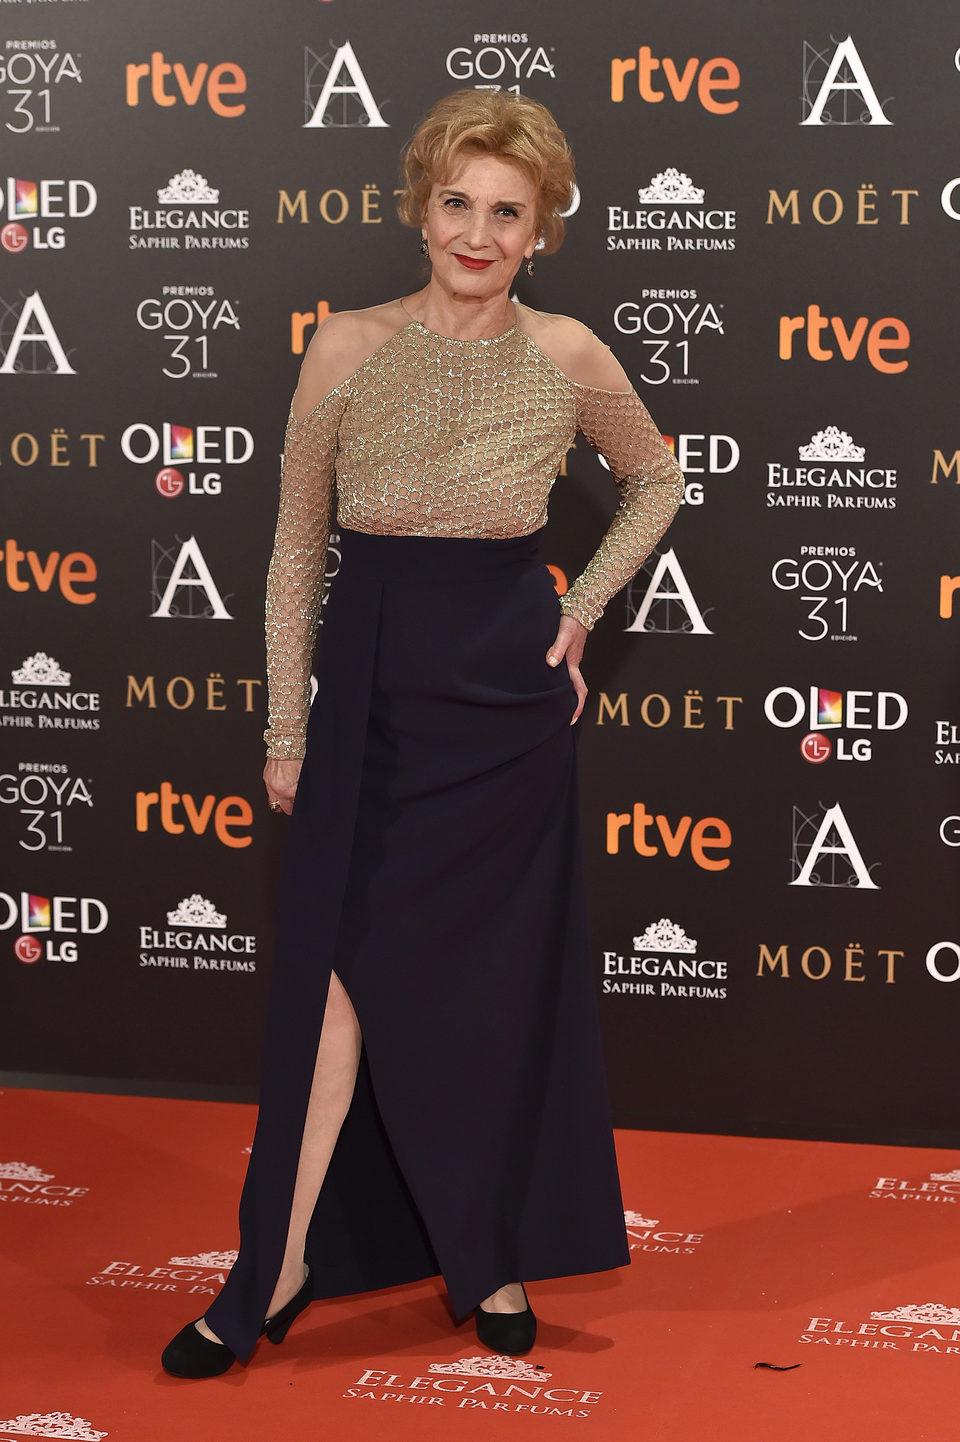 Marisa Paredes en la alfombra roja de los Premios Goya 2017